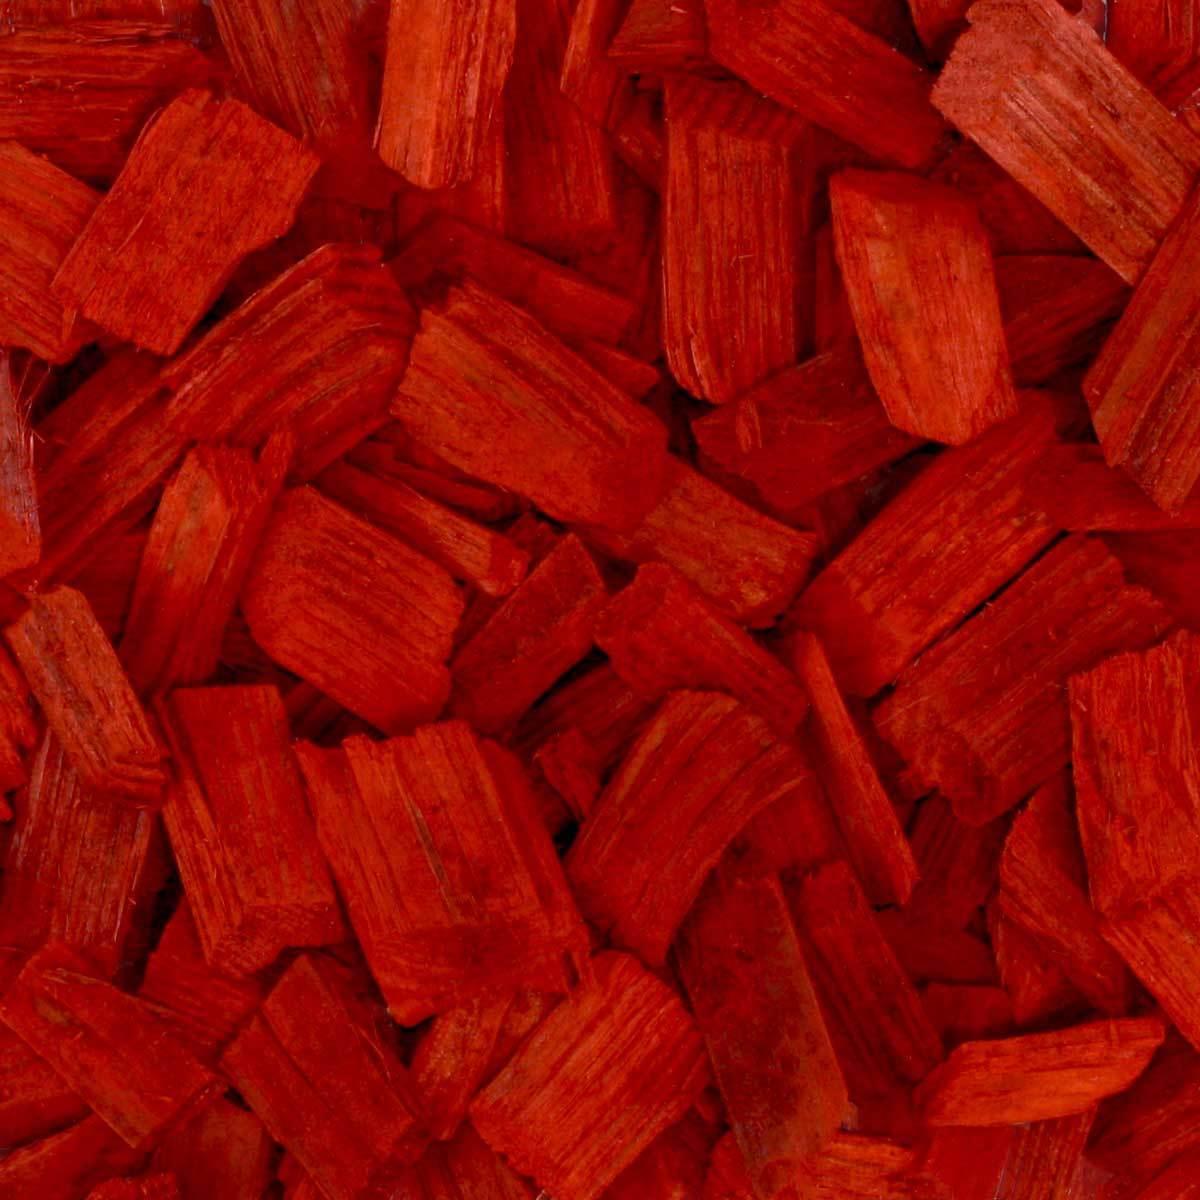 Holzhackschnitzel Rot Hackschnitzel Dekor Farbiger Holz Hackgut Häcksel 70l Sack